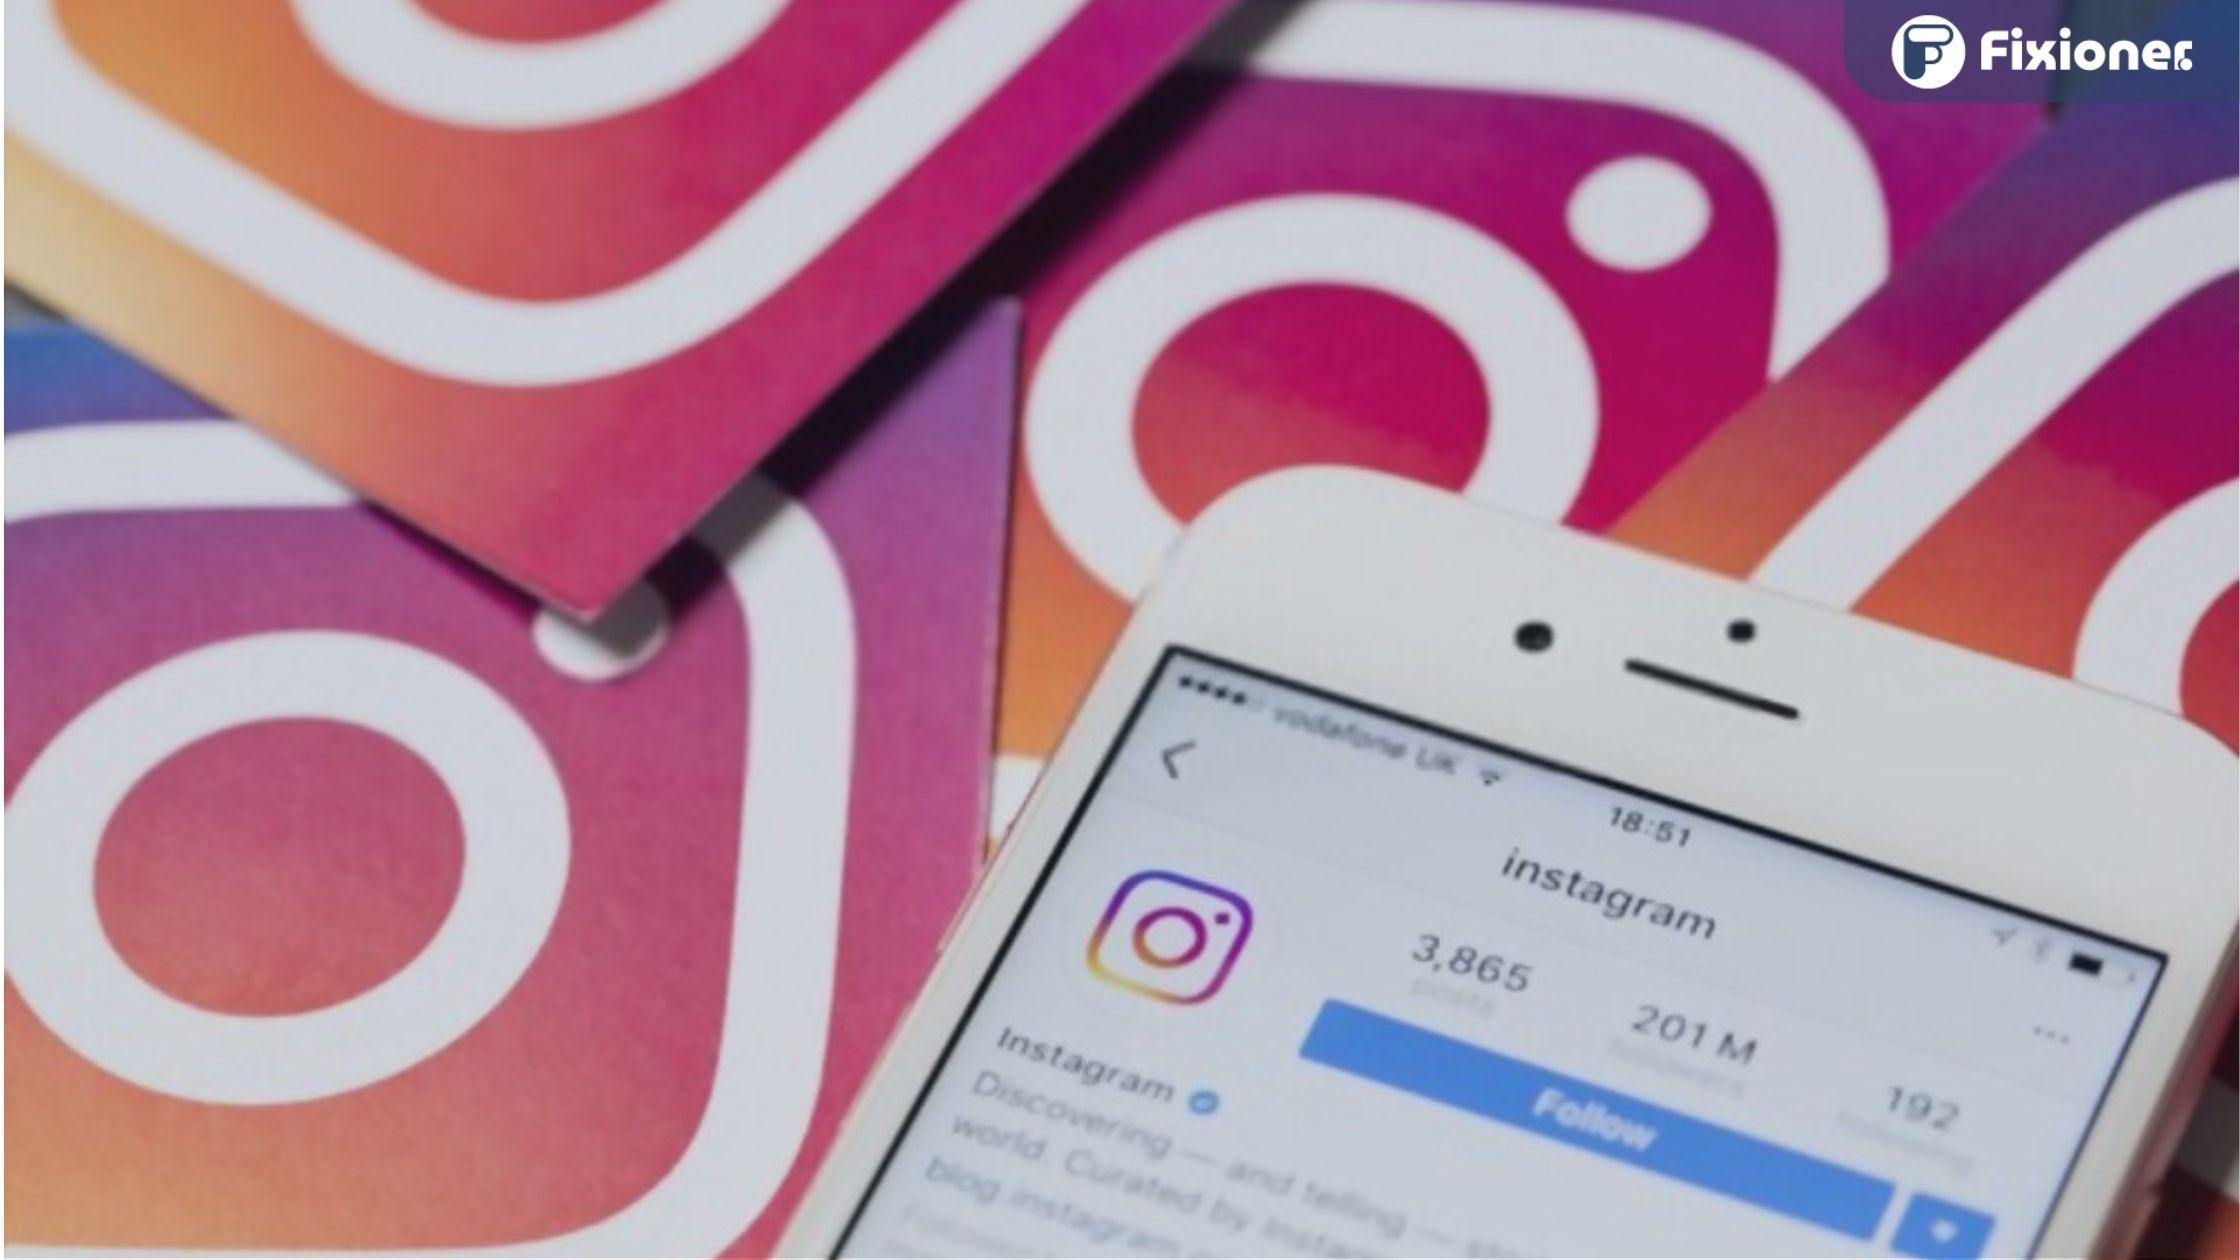 Cara Ganti Tema DM Instagram Terbaru 100% Berhasil 2021